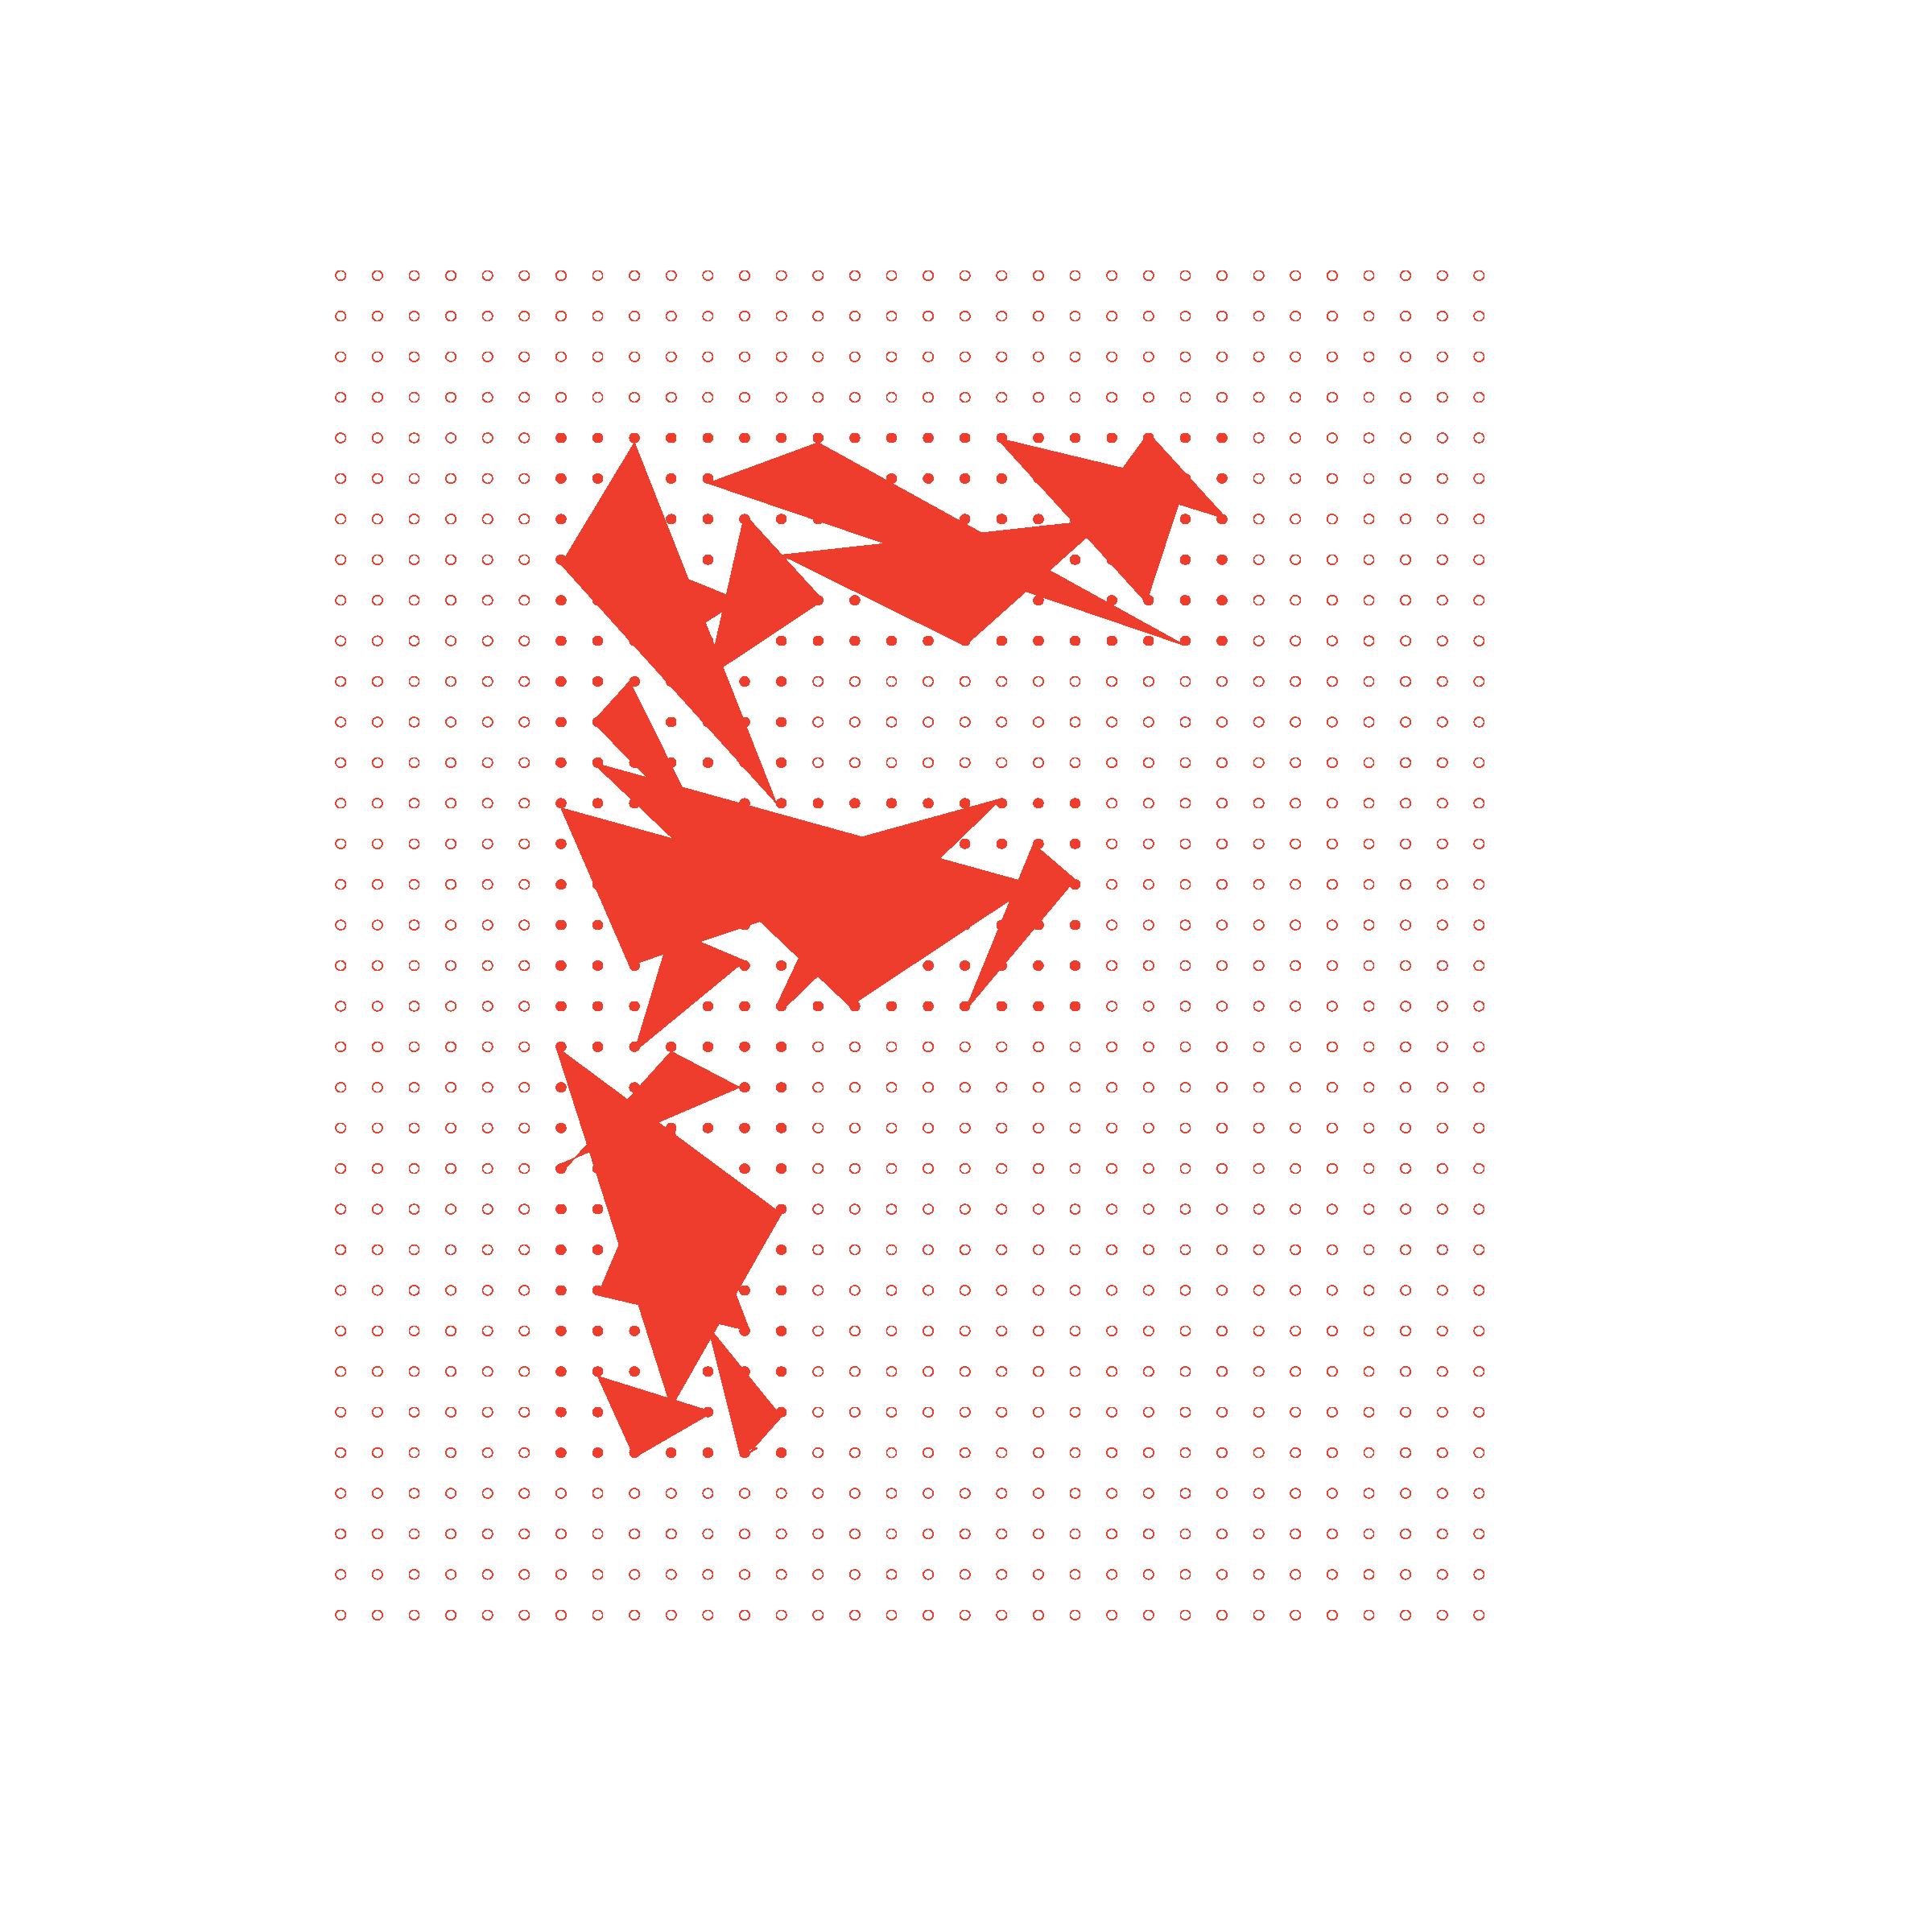 wk 12 logos-27.png